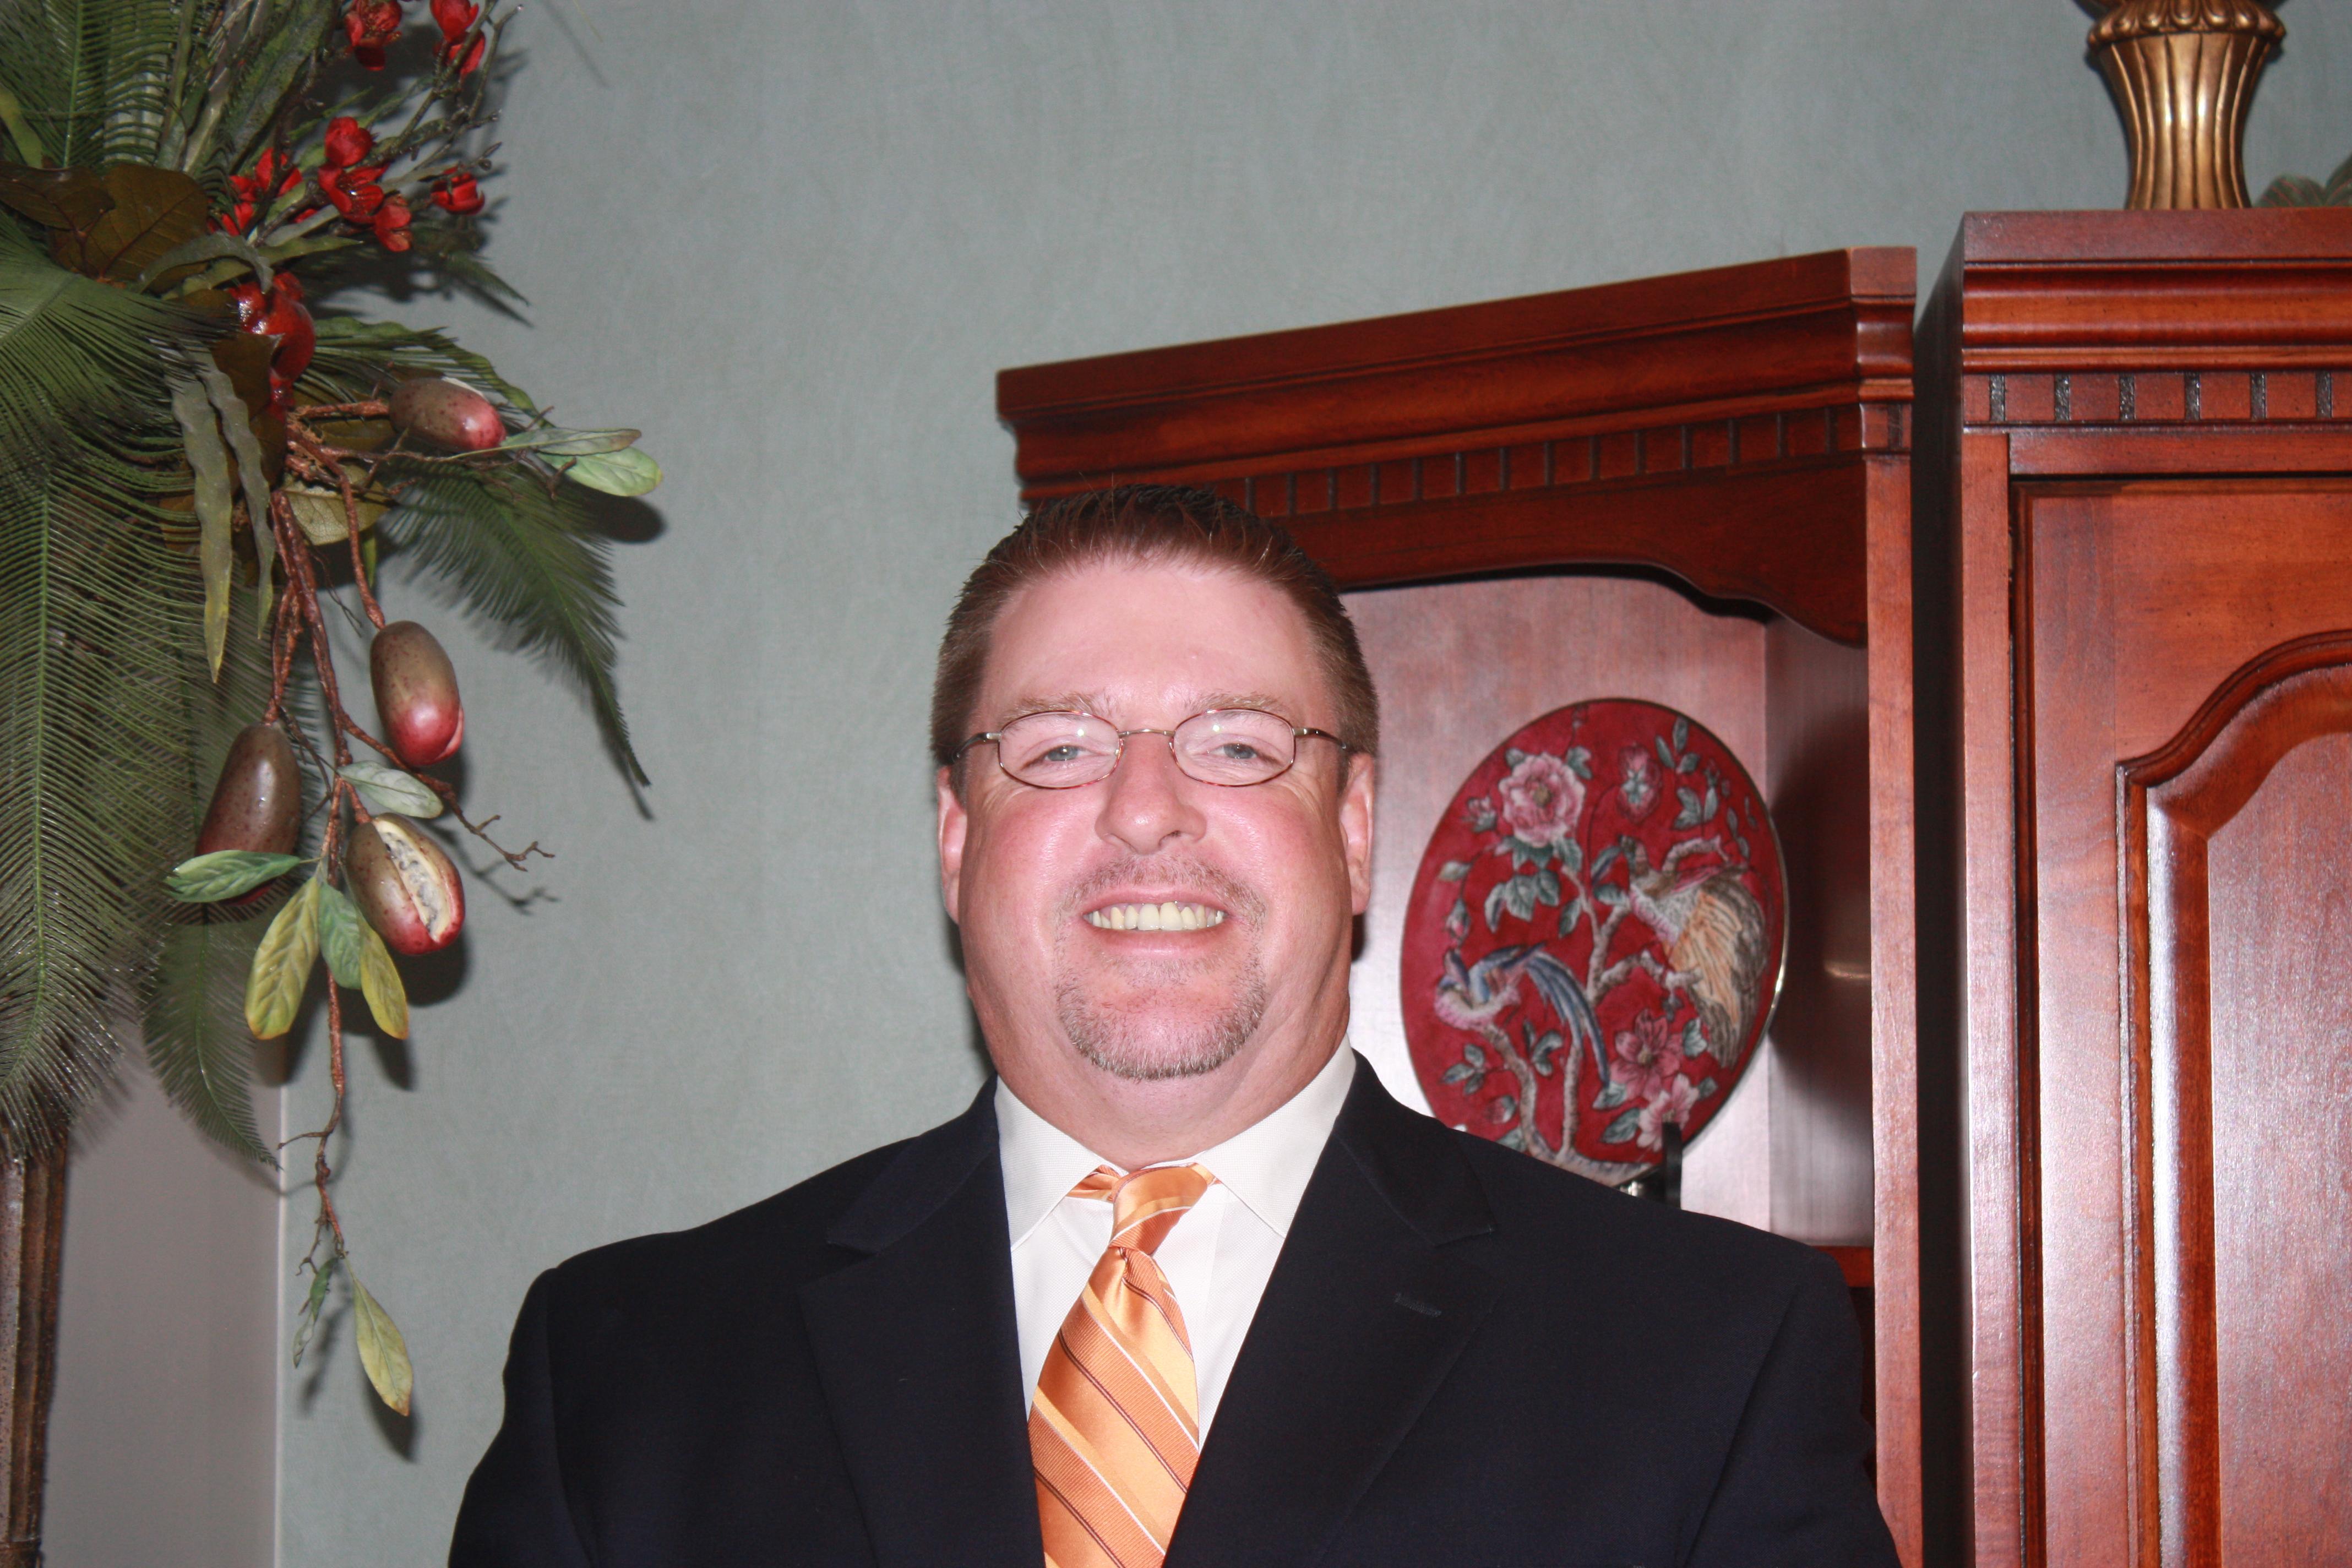 M. Filmore Hodnett, CPA